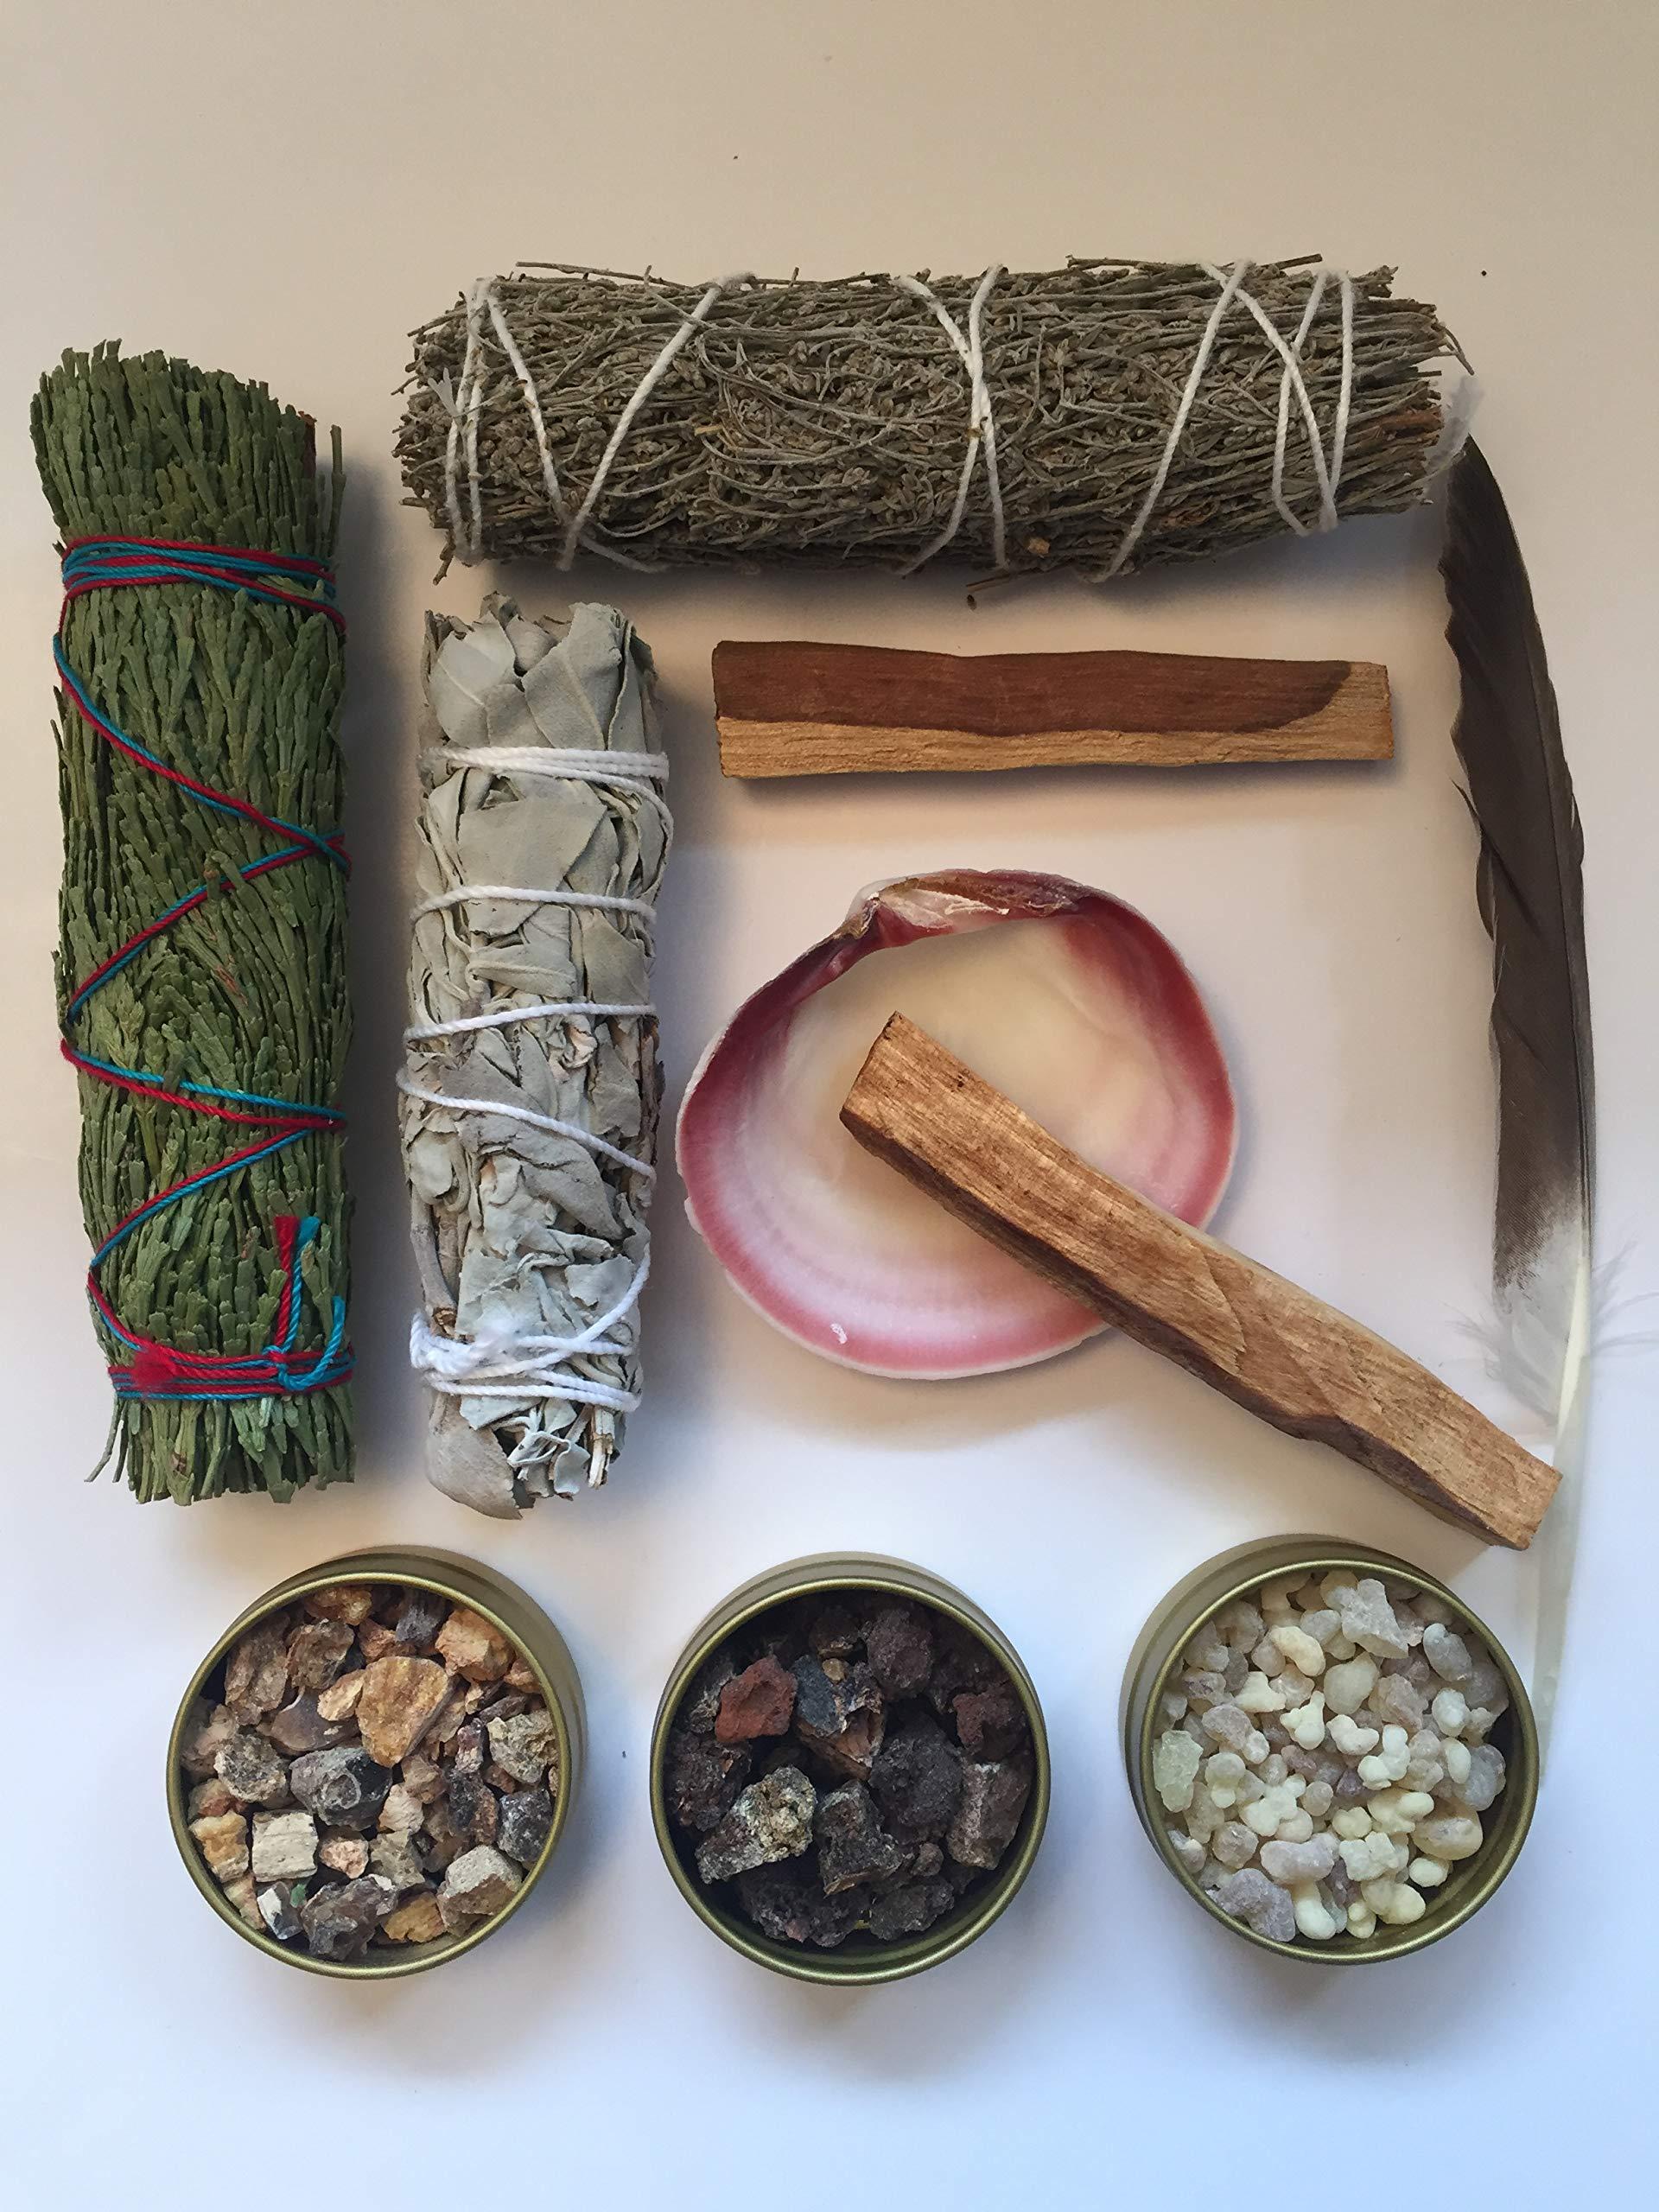 Sacred Scents For You Resin Incense and Sage Smudges Variety Gift Set Includes: Blue Sage, Cedar, White Sage & Palo Santo Wood. Frankincense, Myrrh & Mayan Copal Resins by Sacred Scents For You (Image #3)